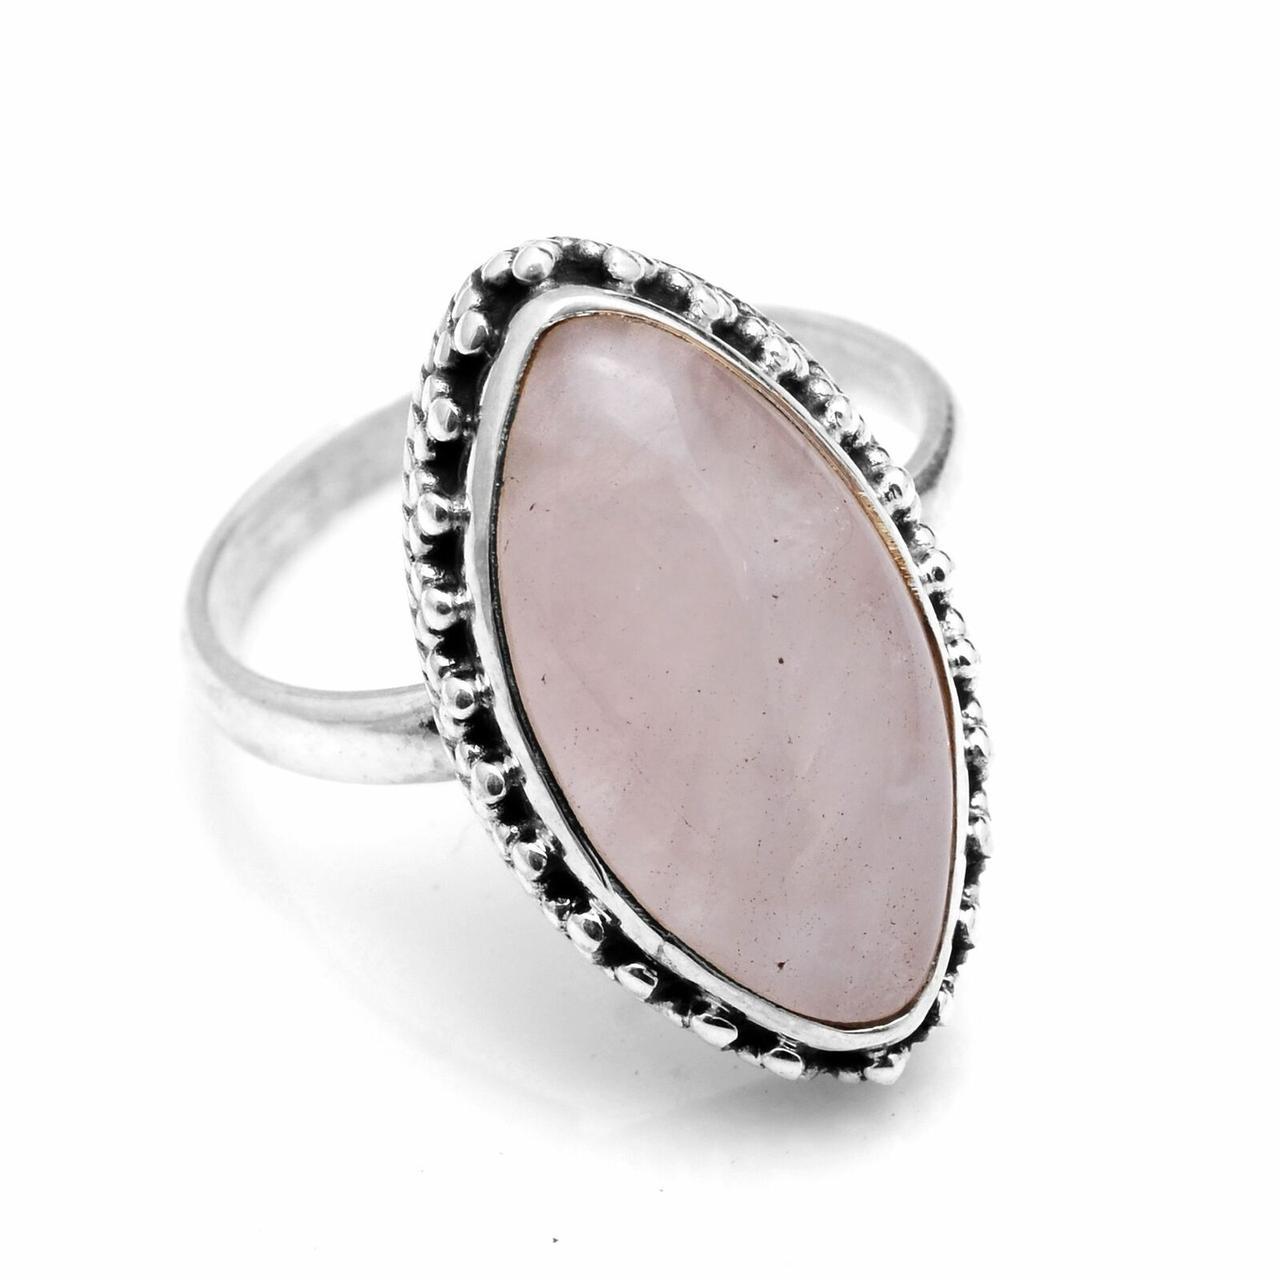 Кільце з срібла з рожевим кварцом, 18*10 мм., 1774КЦР